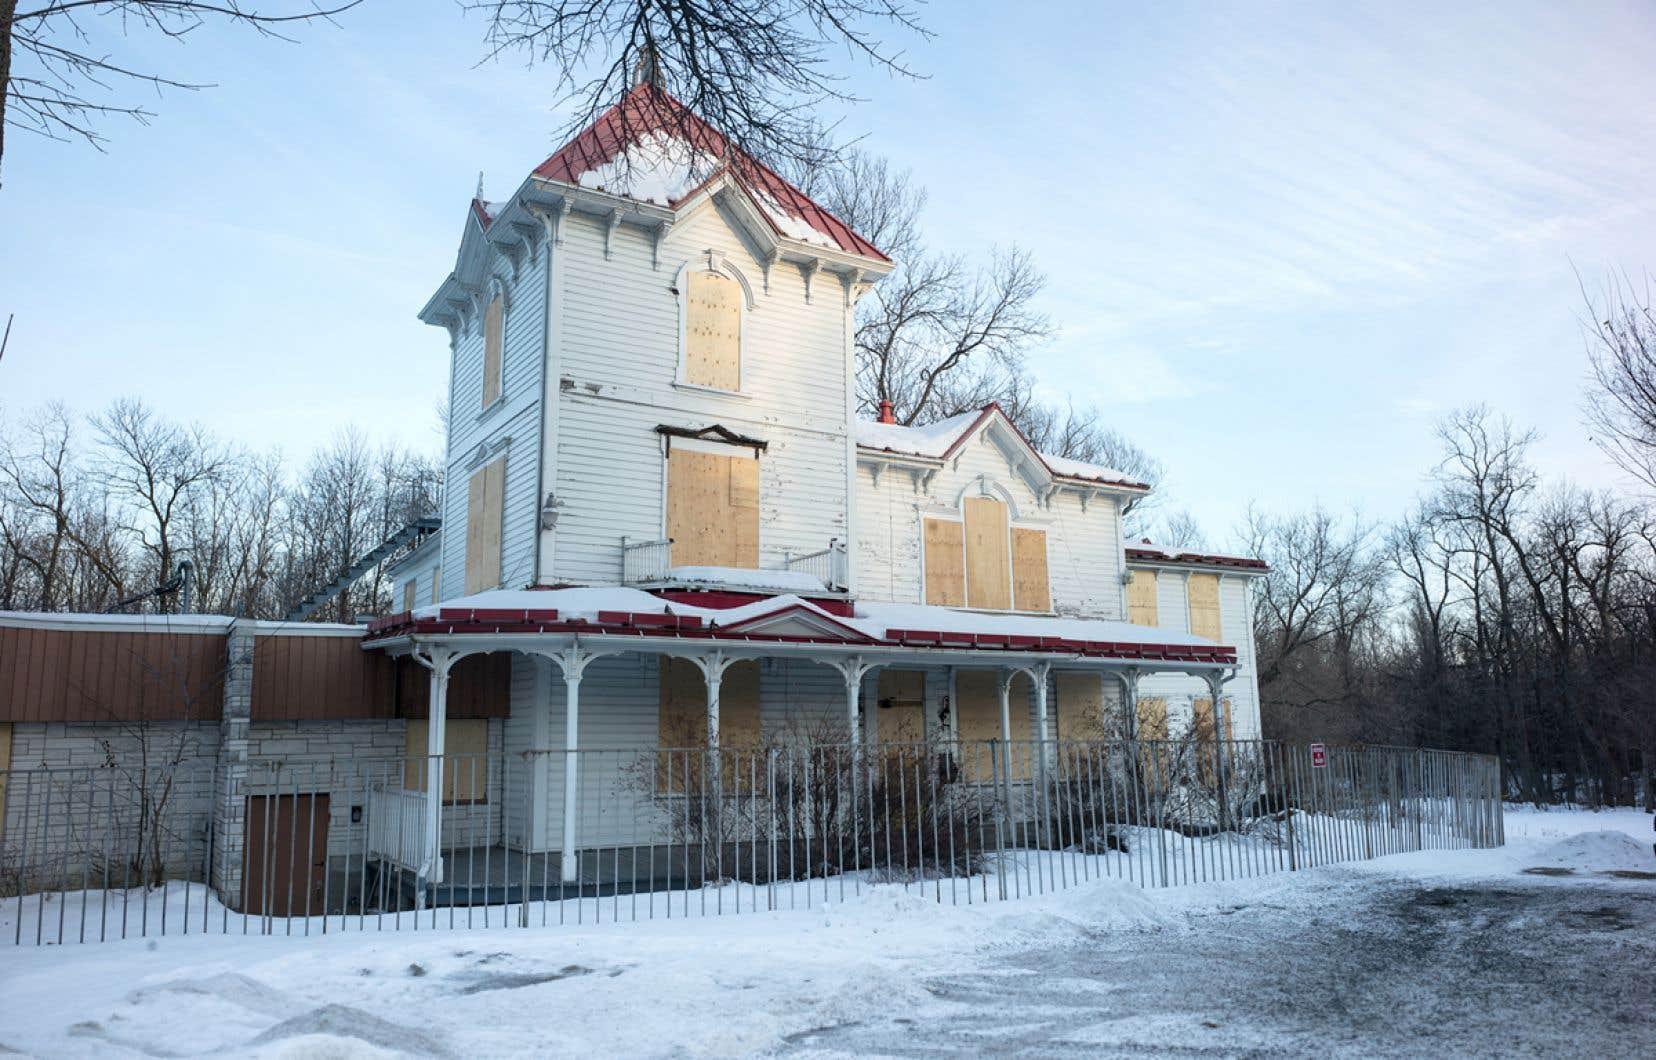 La Villa Livernois n'a jamais joui d'une protection officielle avant d'être détruite par un incendie en septembre 2019.